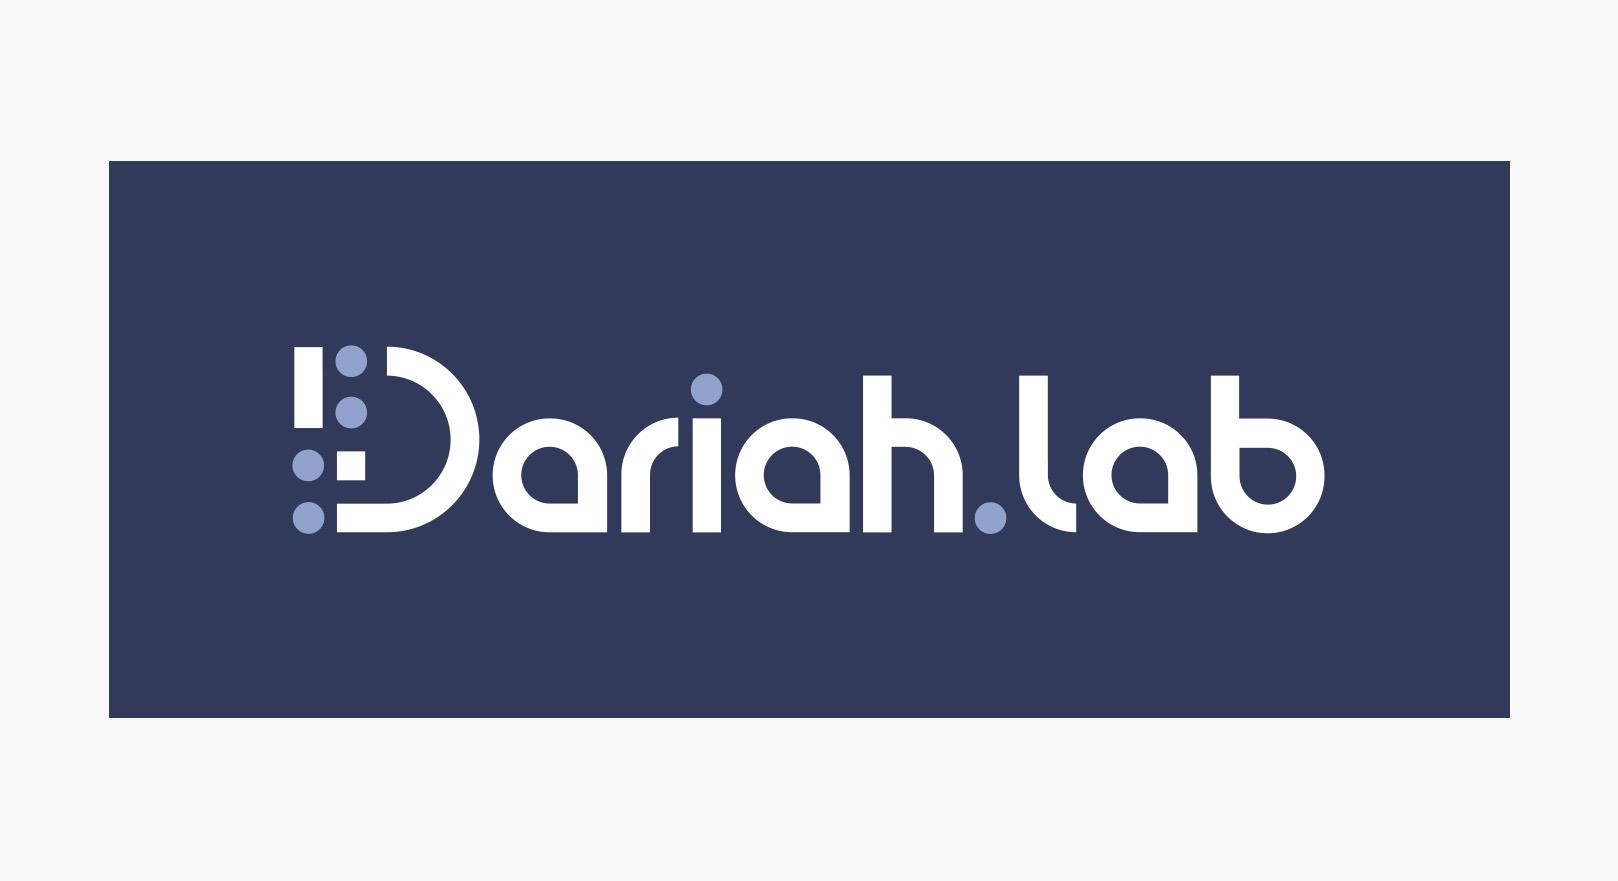 Dariah.lab - Identyfikacja wizualna - logotyp w kontrze